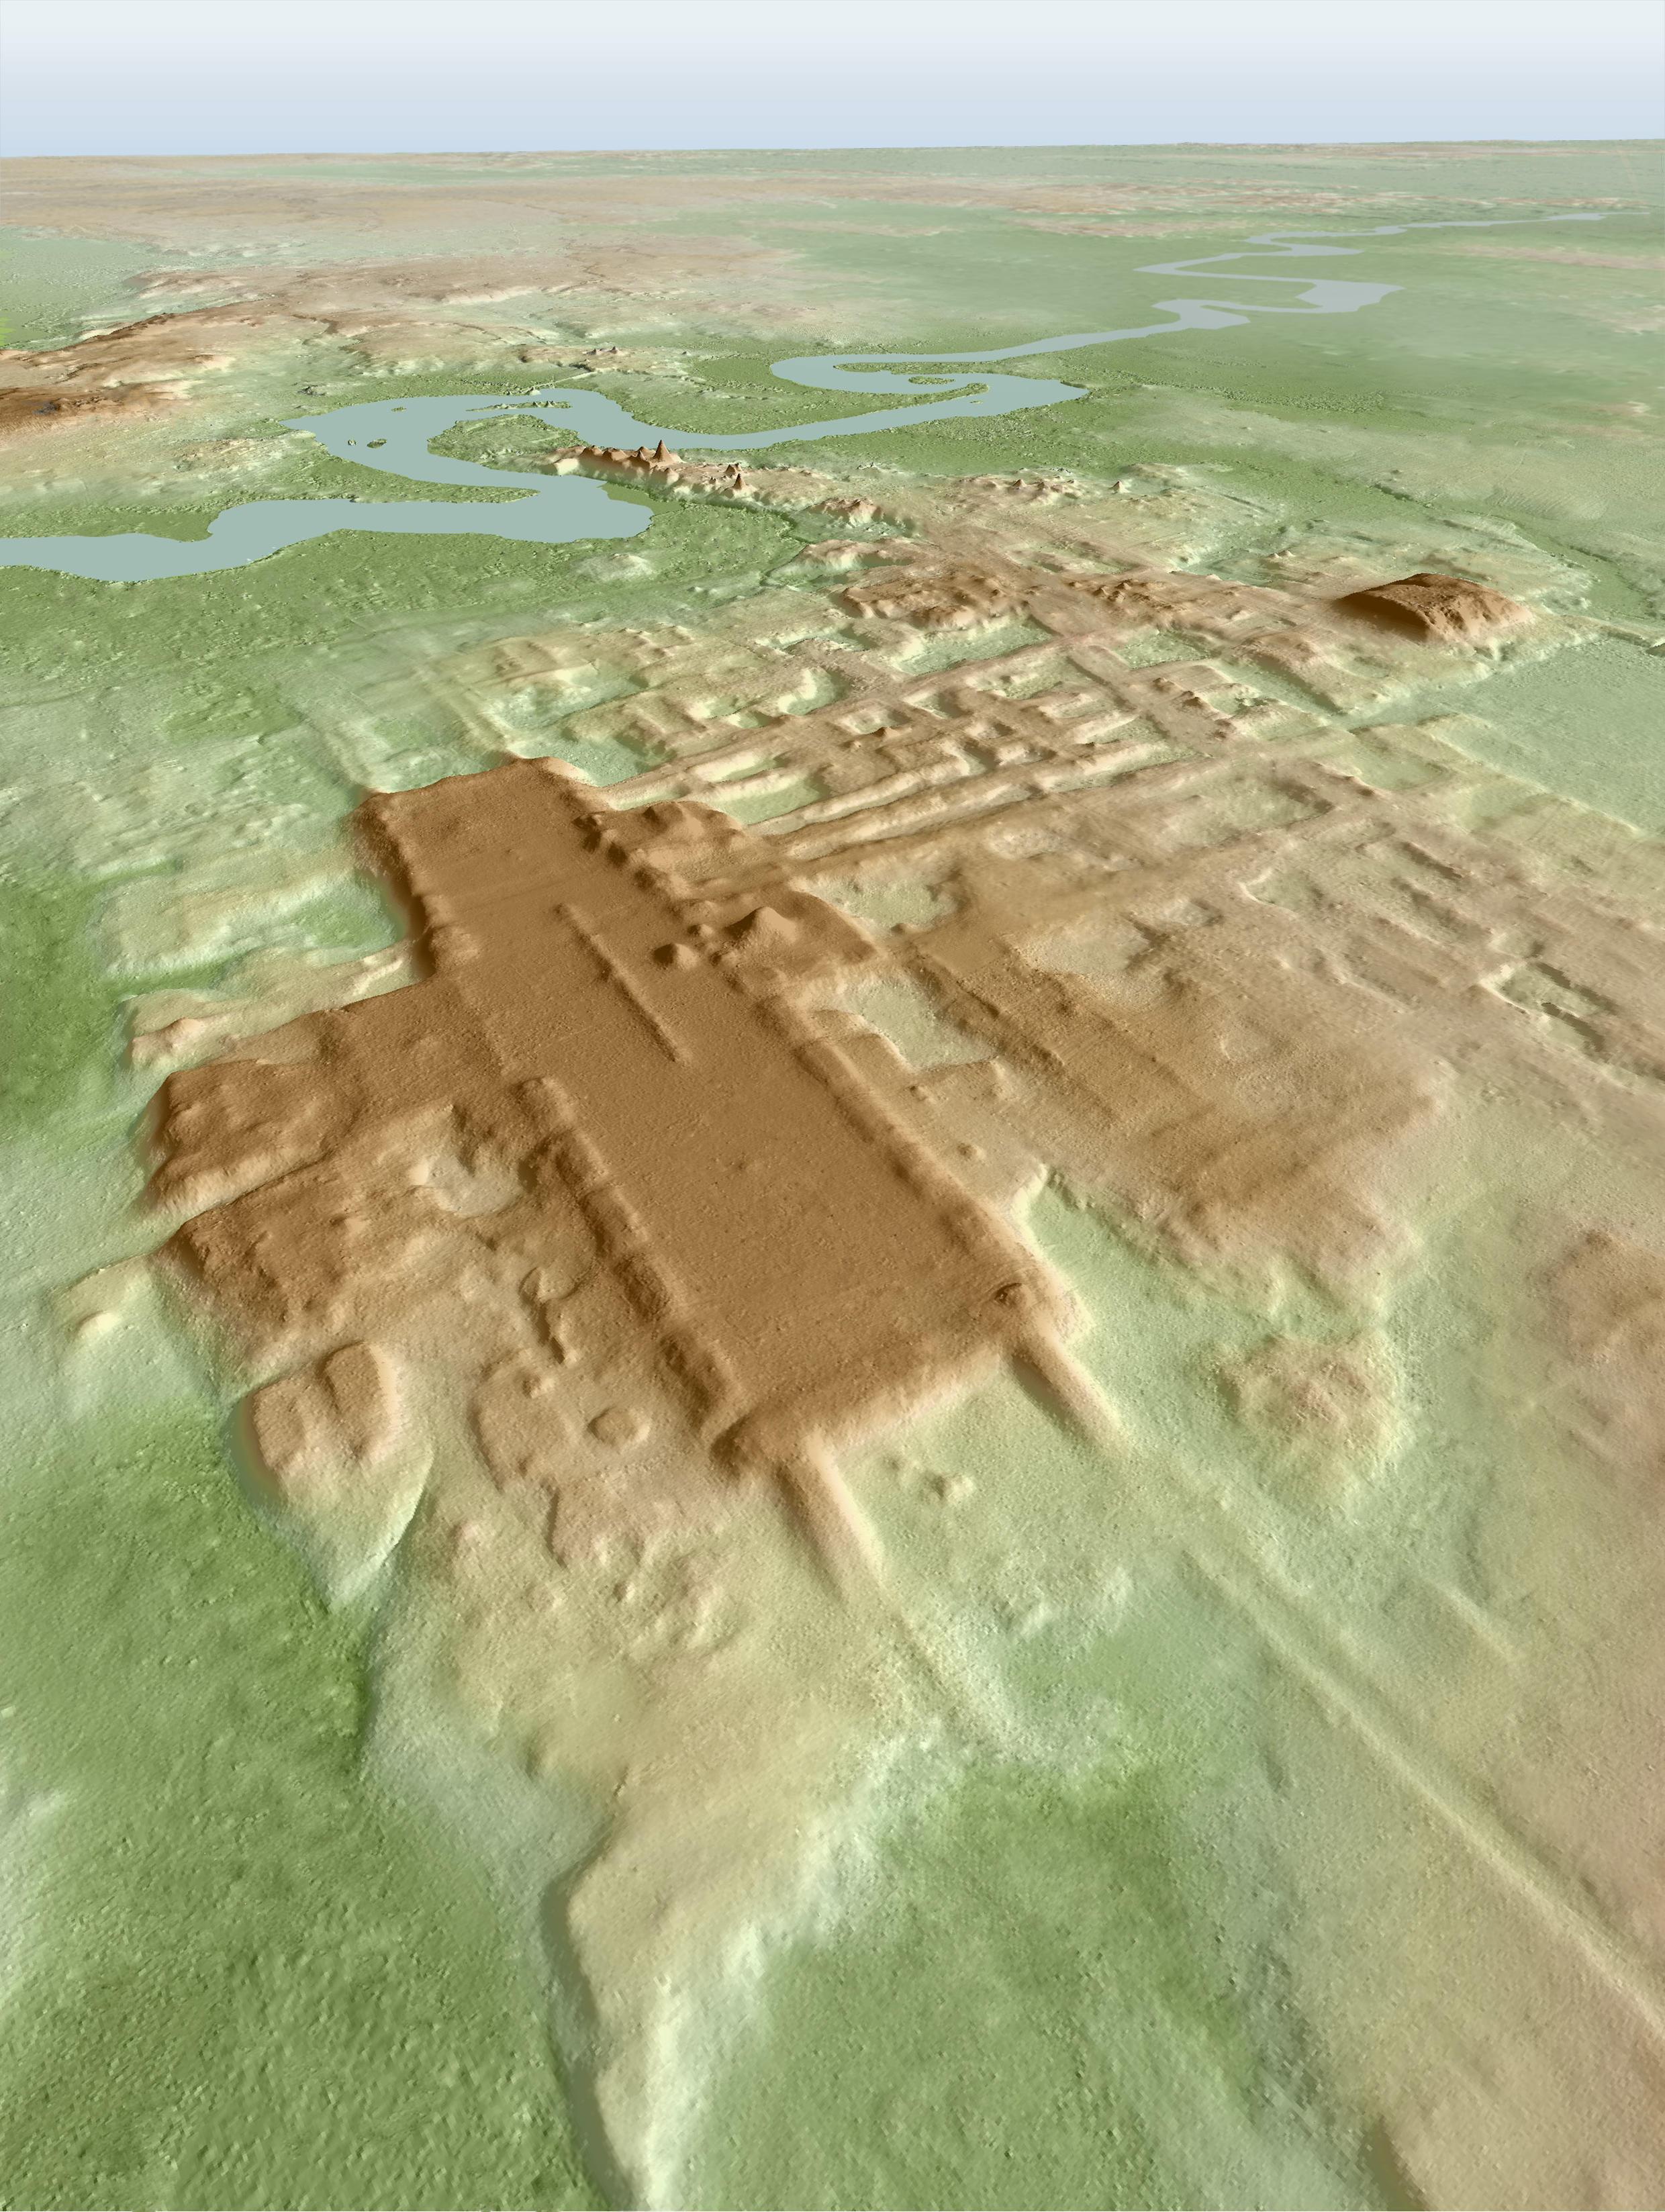 Imagen tridimensional del sitio de 'Aguada Fénix', gracias a la técnica del lídar.